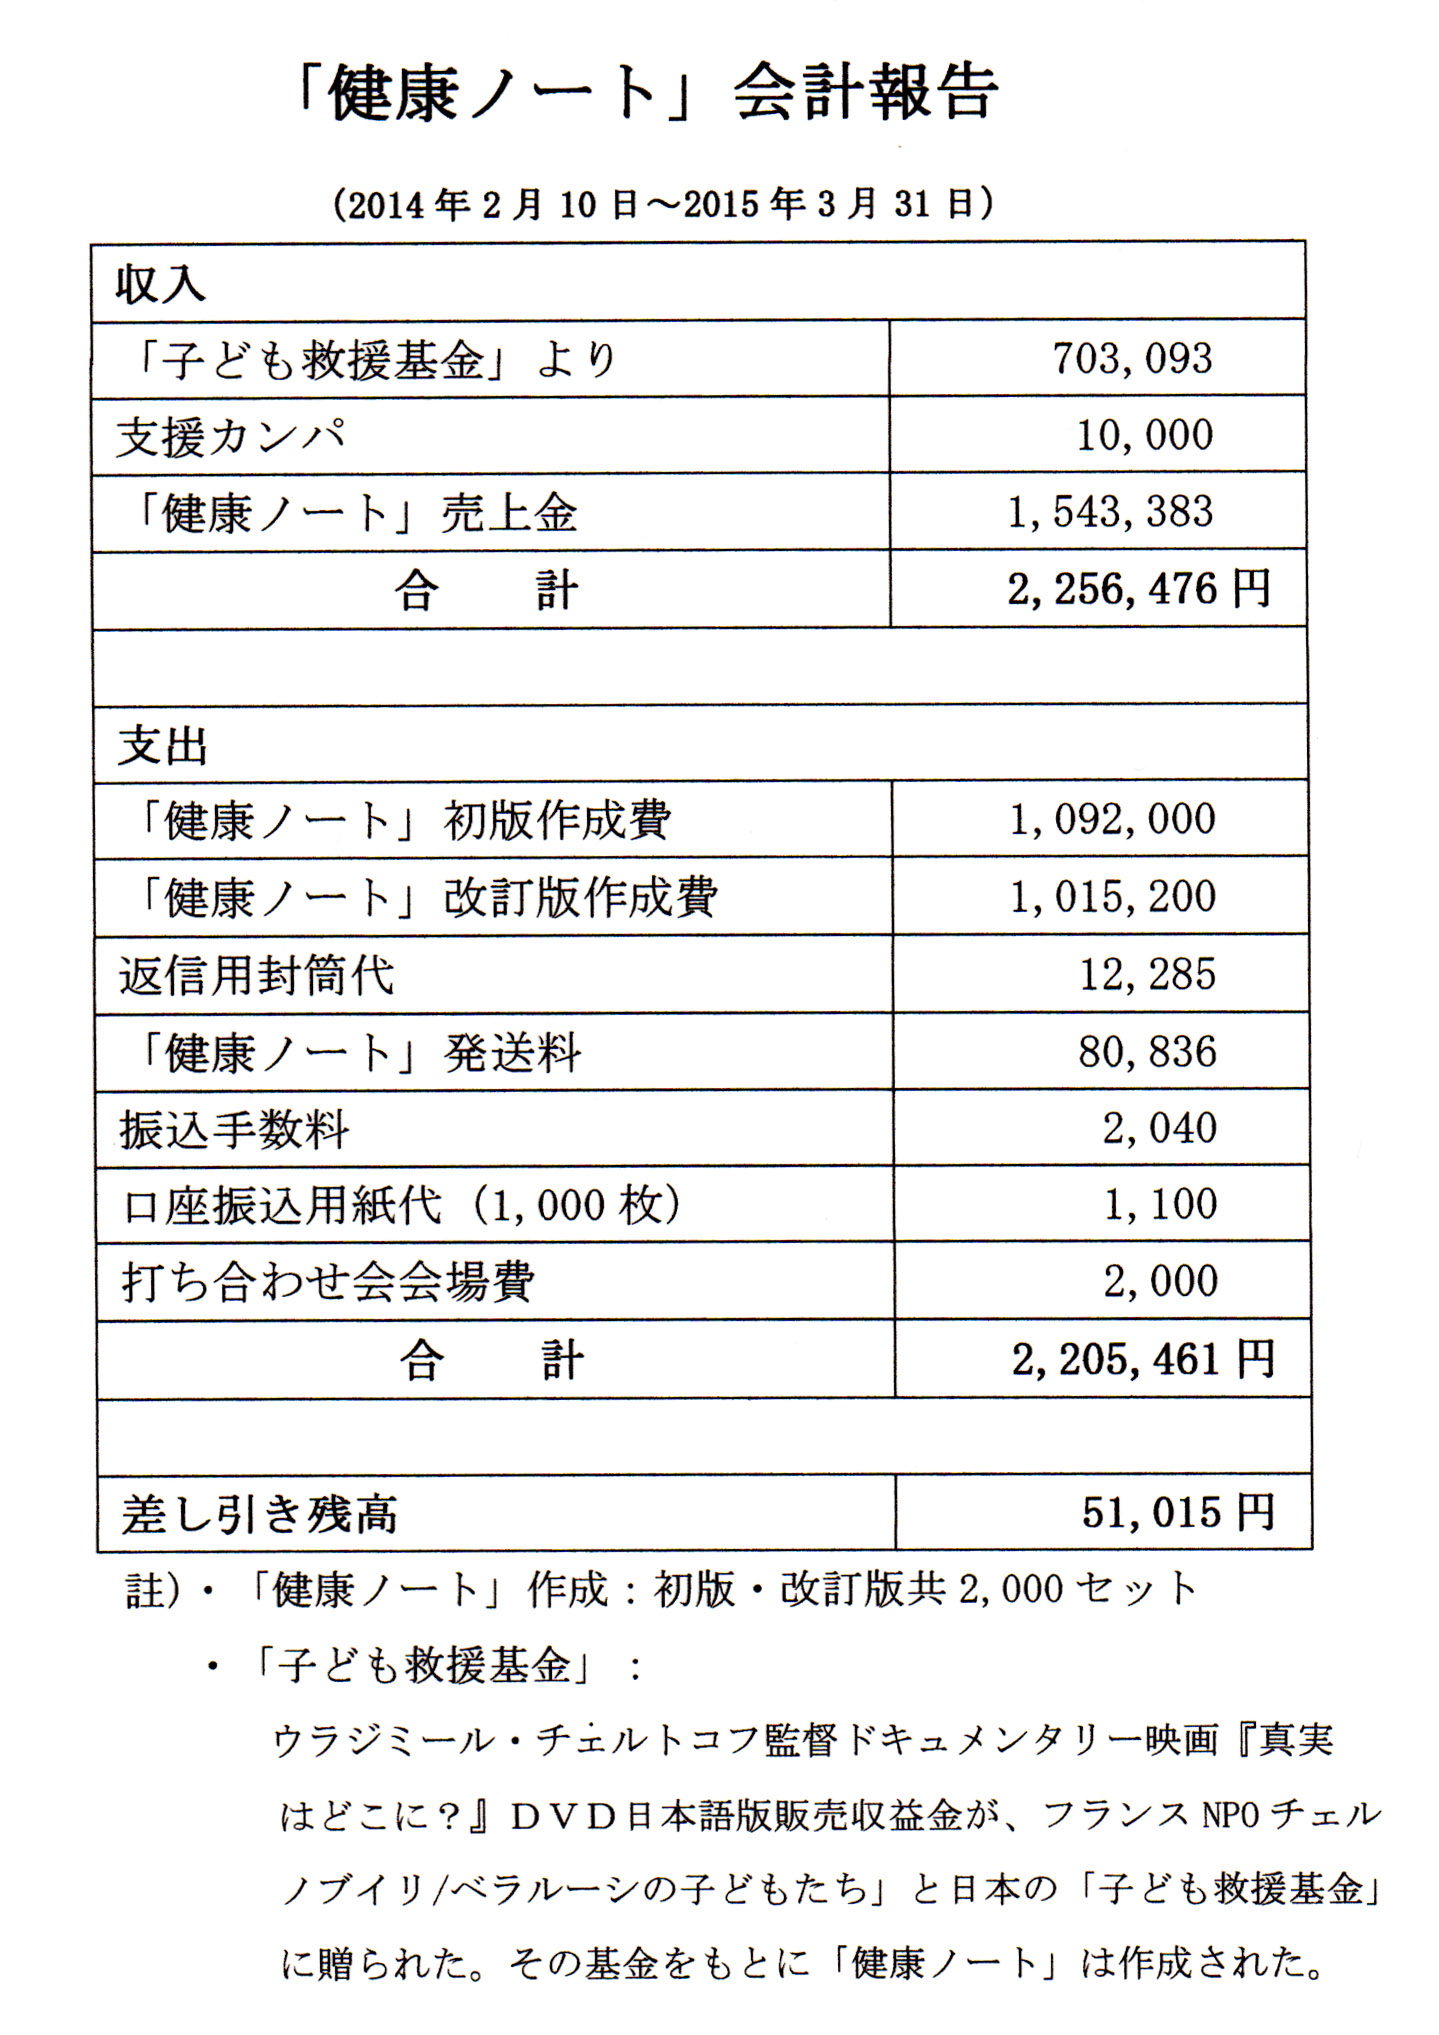 2014年度、会計報告